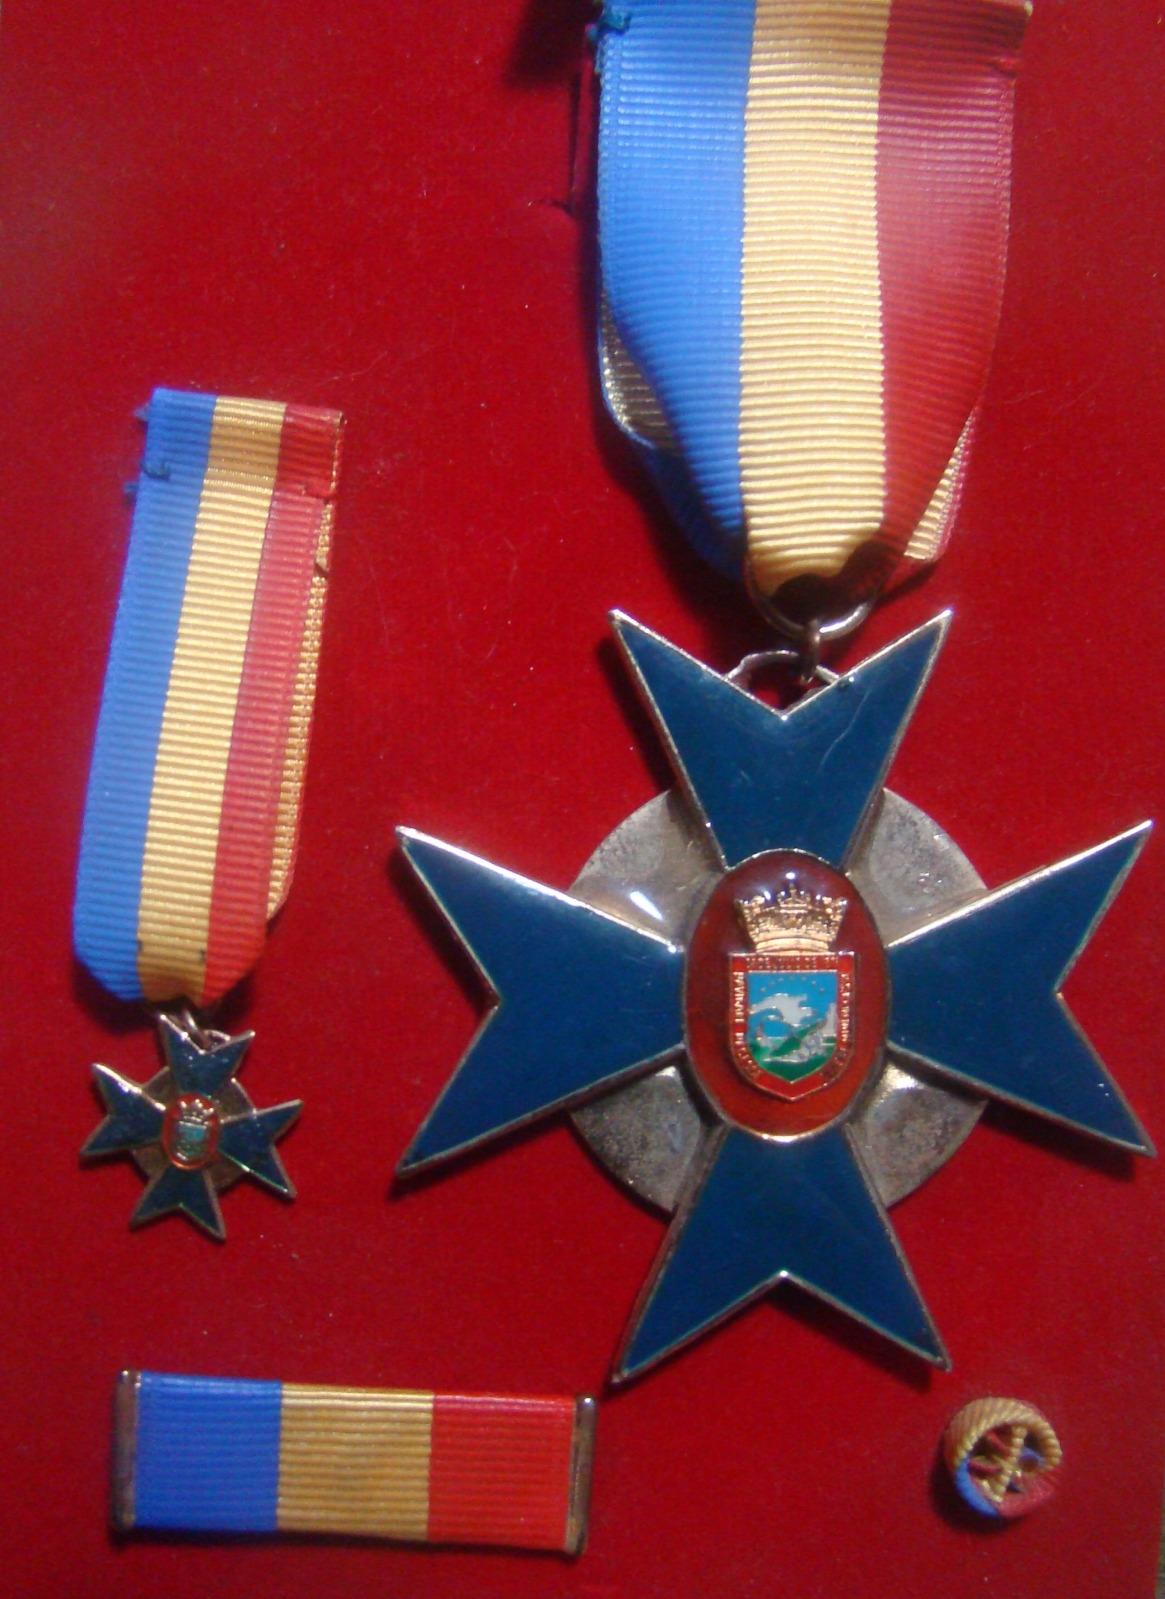 Condecoraciones y Medalla Navales 2saldfm